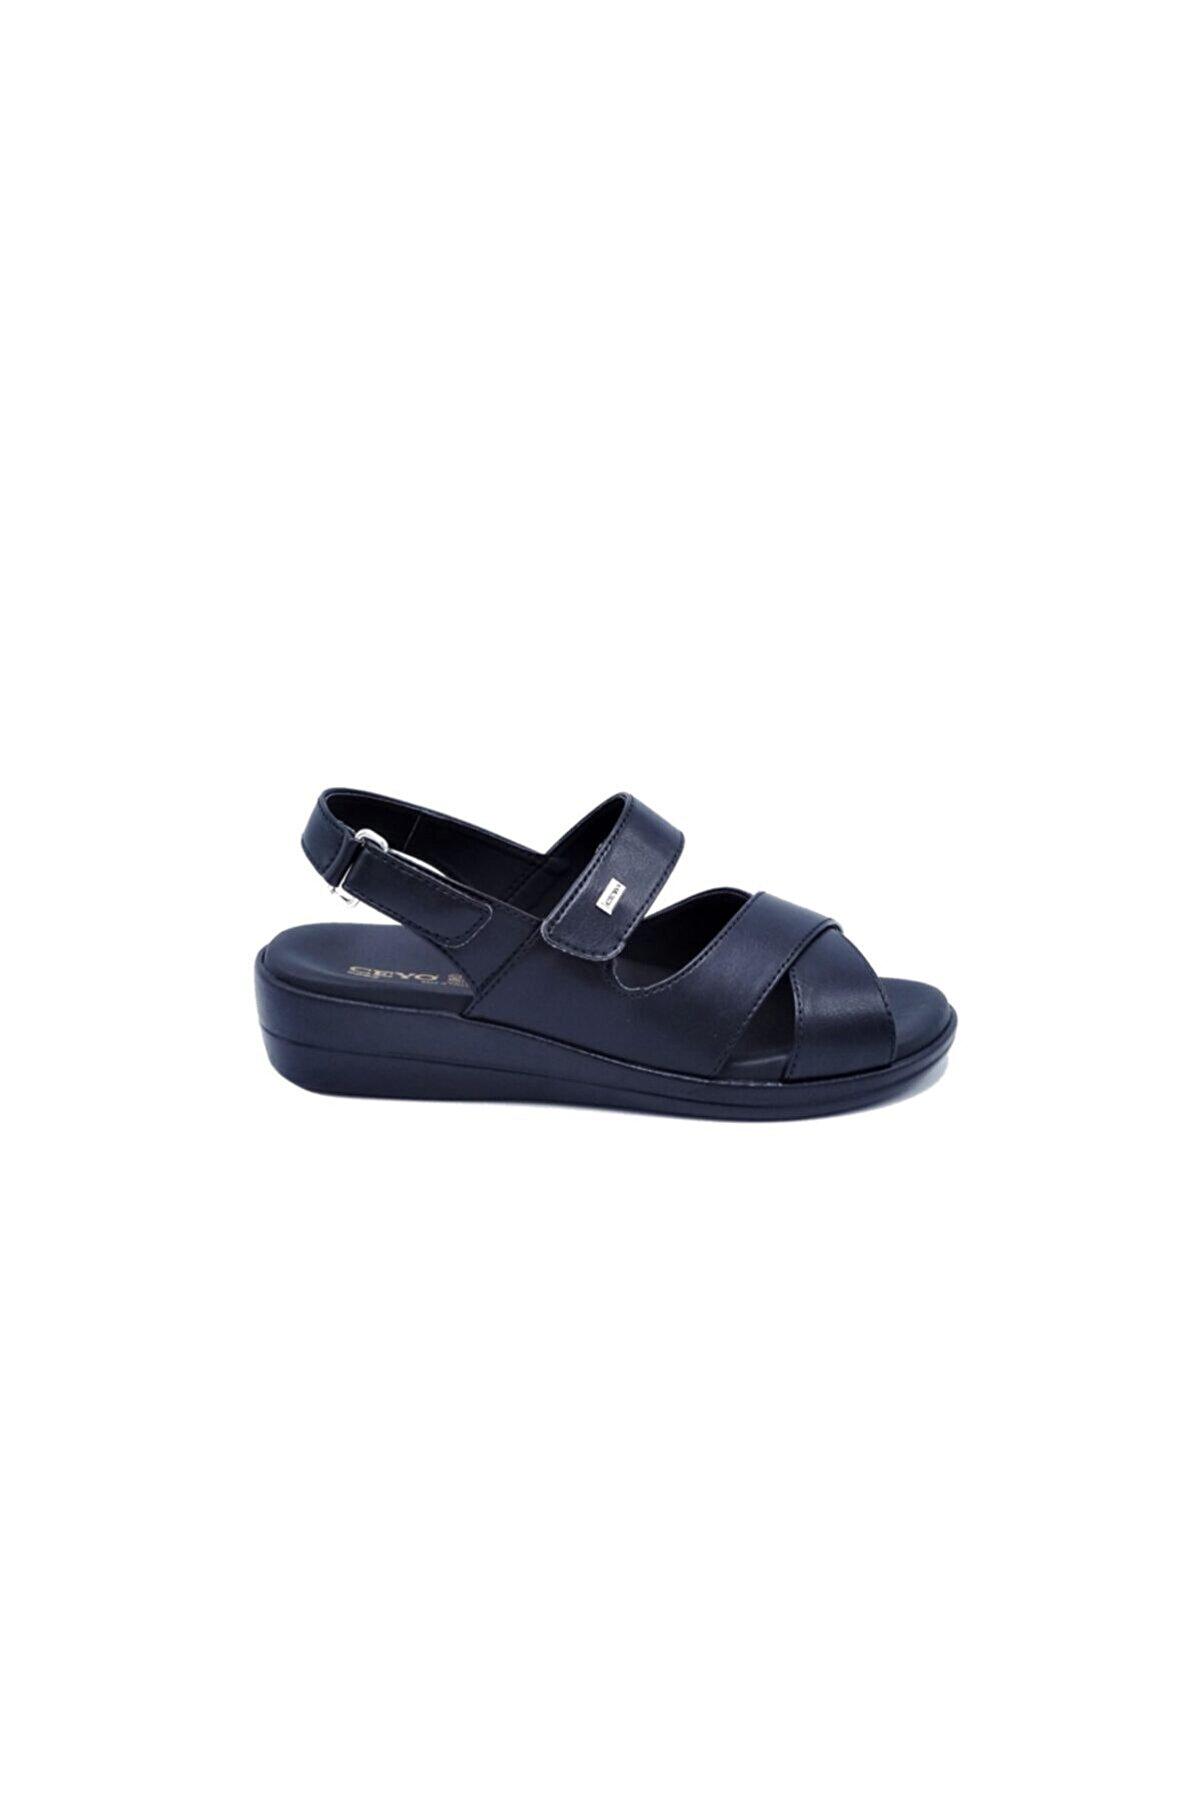 Ceyo Kadın Siyah Sandalet 505986312-1